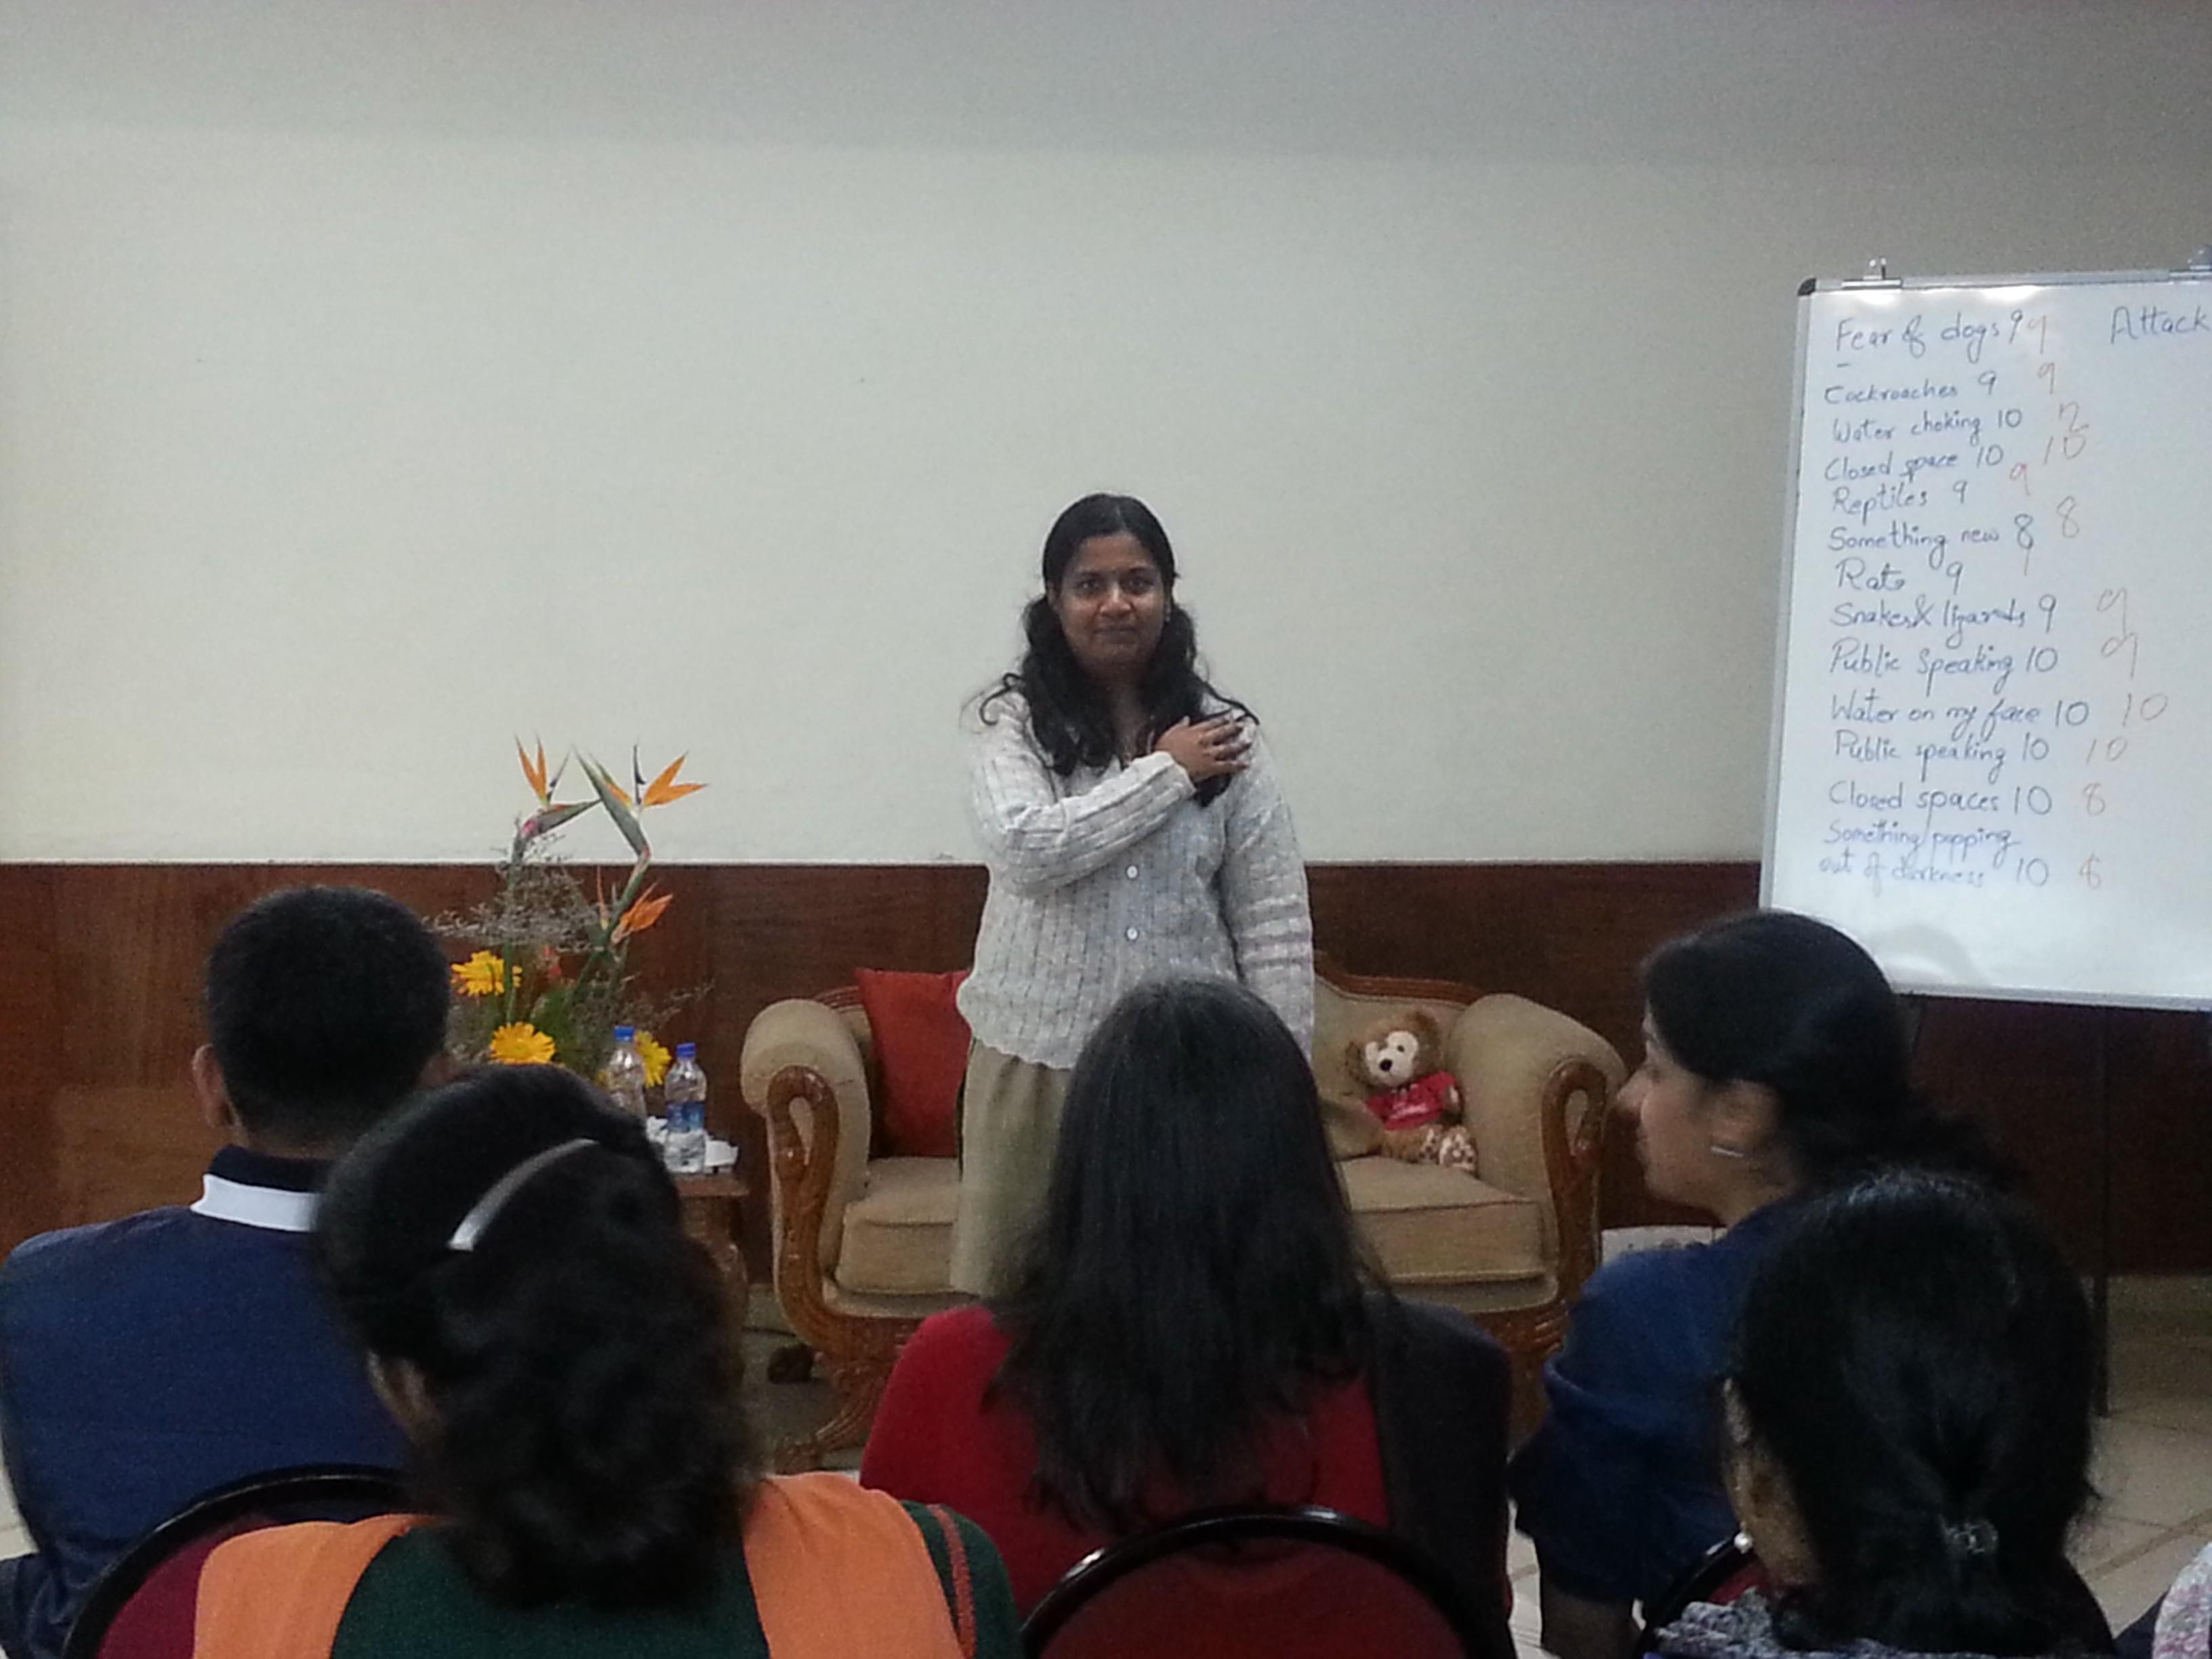 Uma public speaking